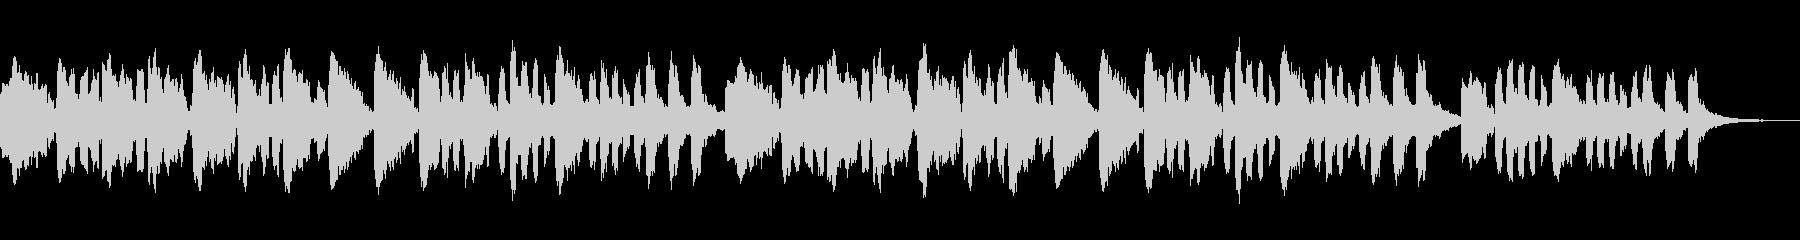 オカリナ・アコースティックギター子守唄の未再生の波形